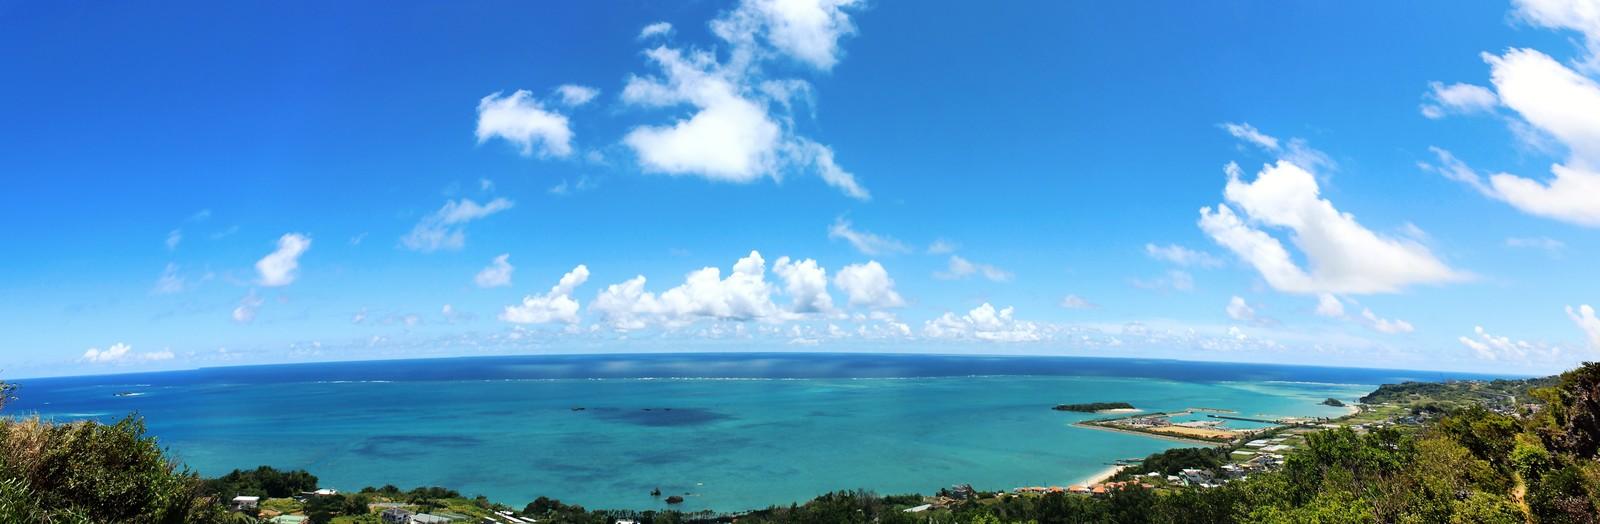 沖縄の高台から望む海で自由に穏やかに暮らそう